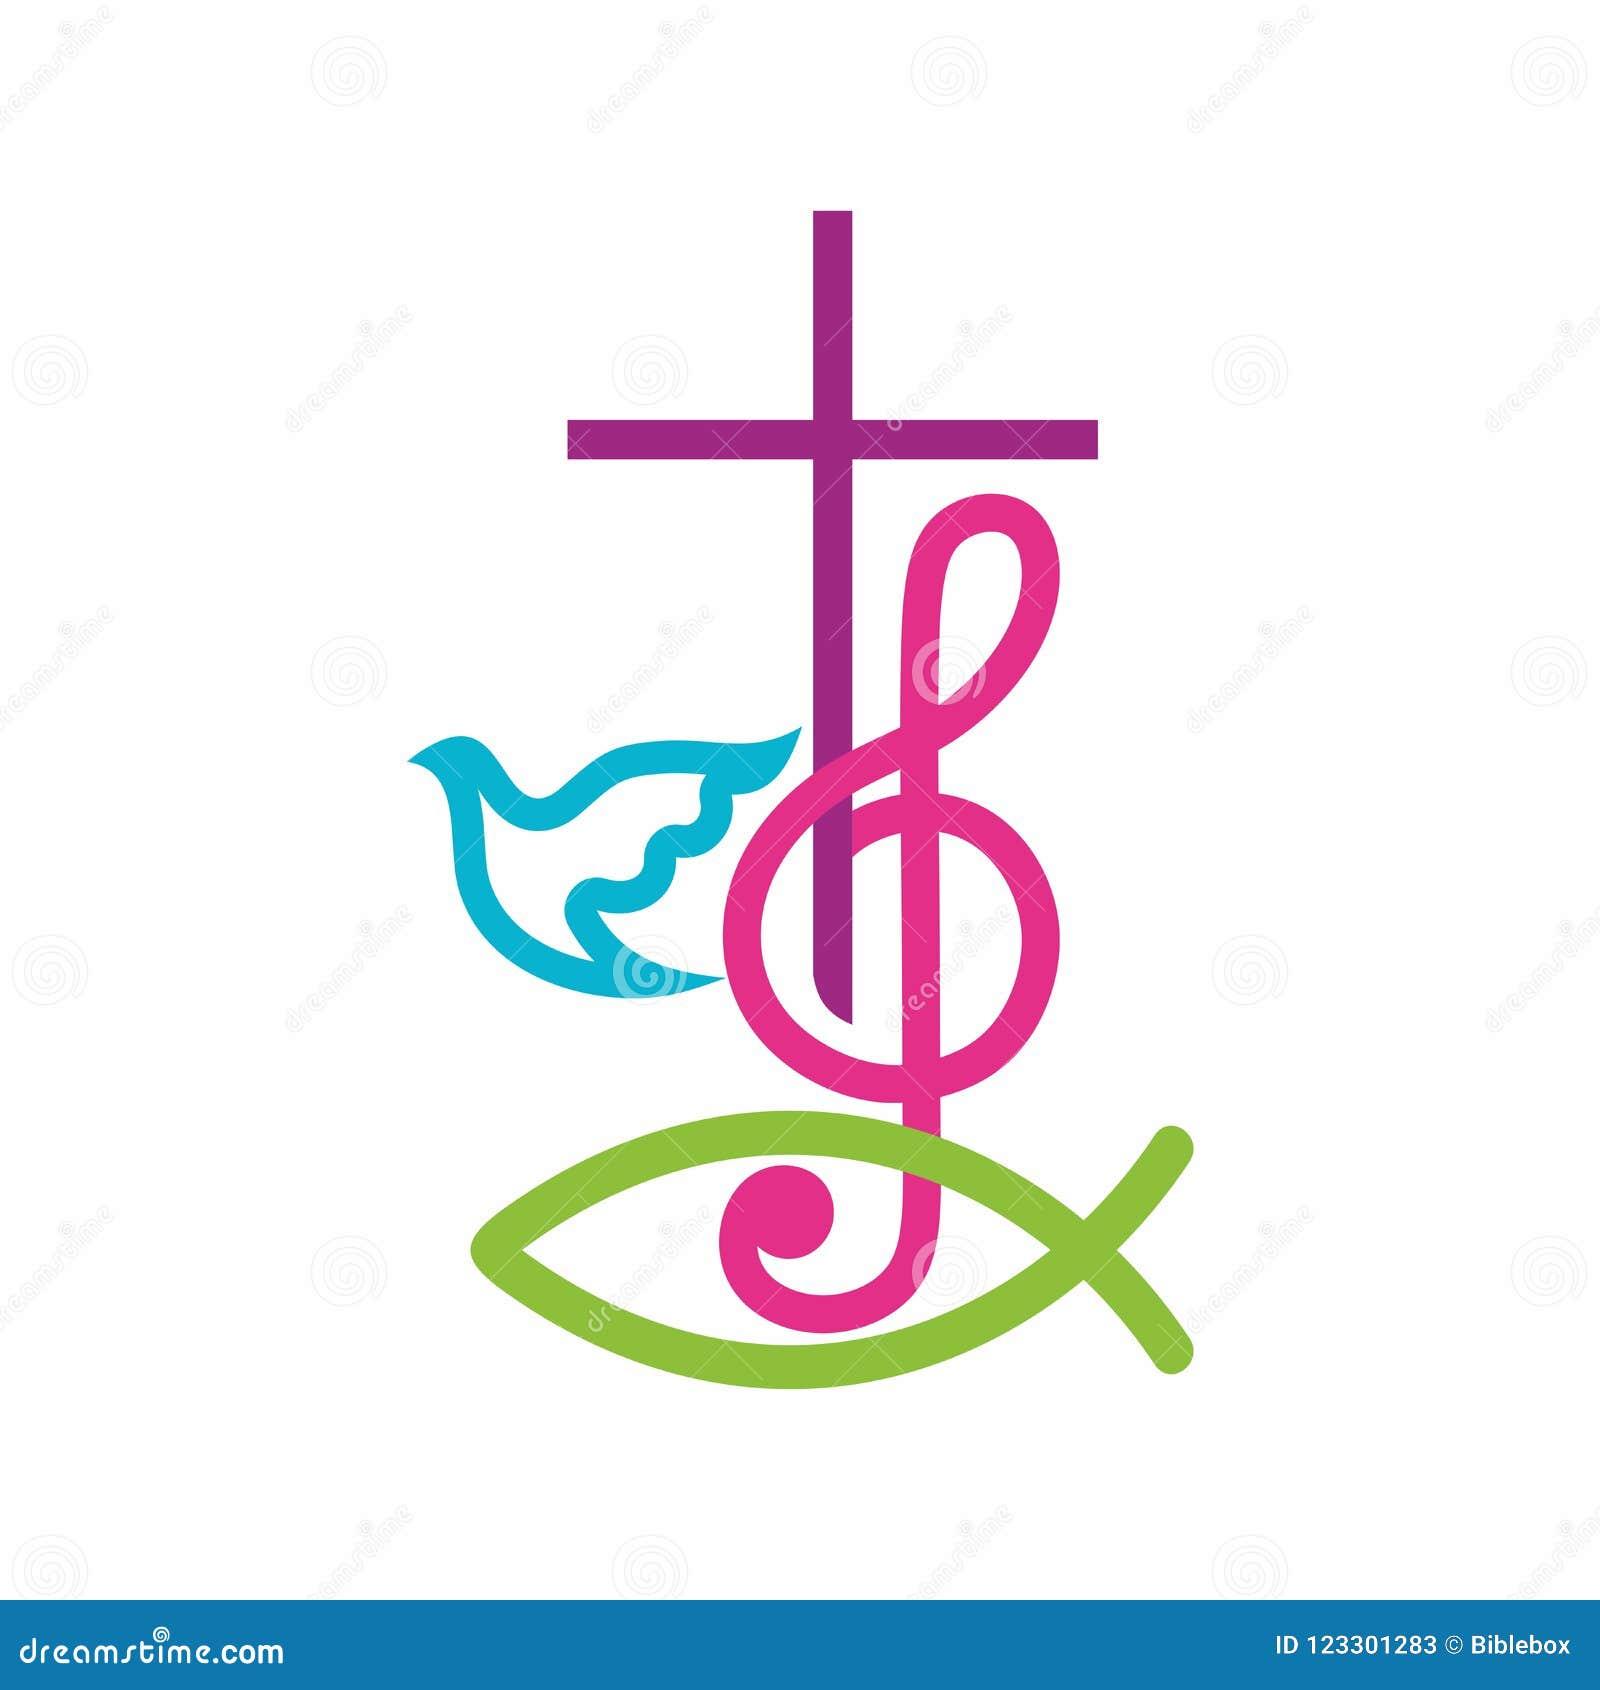 教会商标 基督徒符号 耶稣基督和高音谱号十字架作为称赞和崇拜的标志对上帝